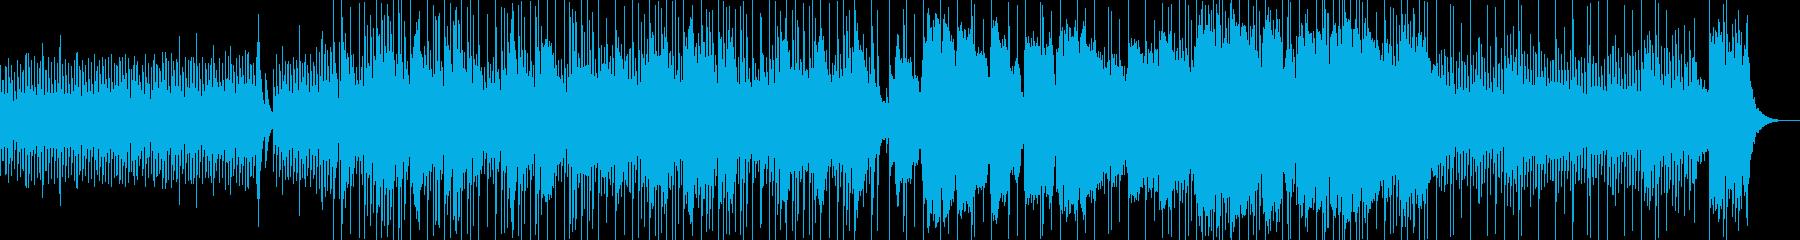 和楽器とドラムが融合した和風な3連符の曲の再生済みの波形